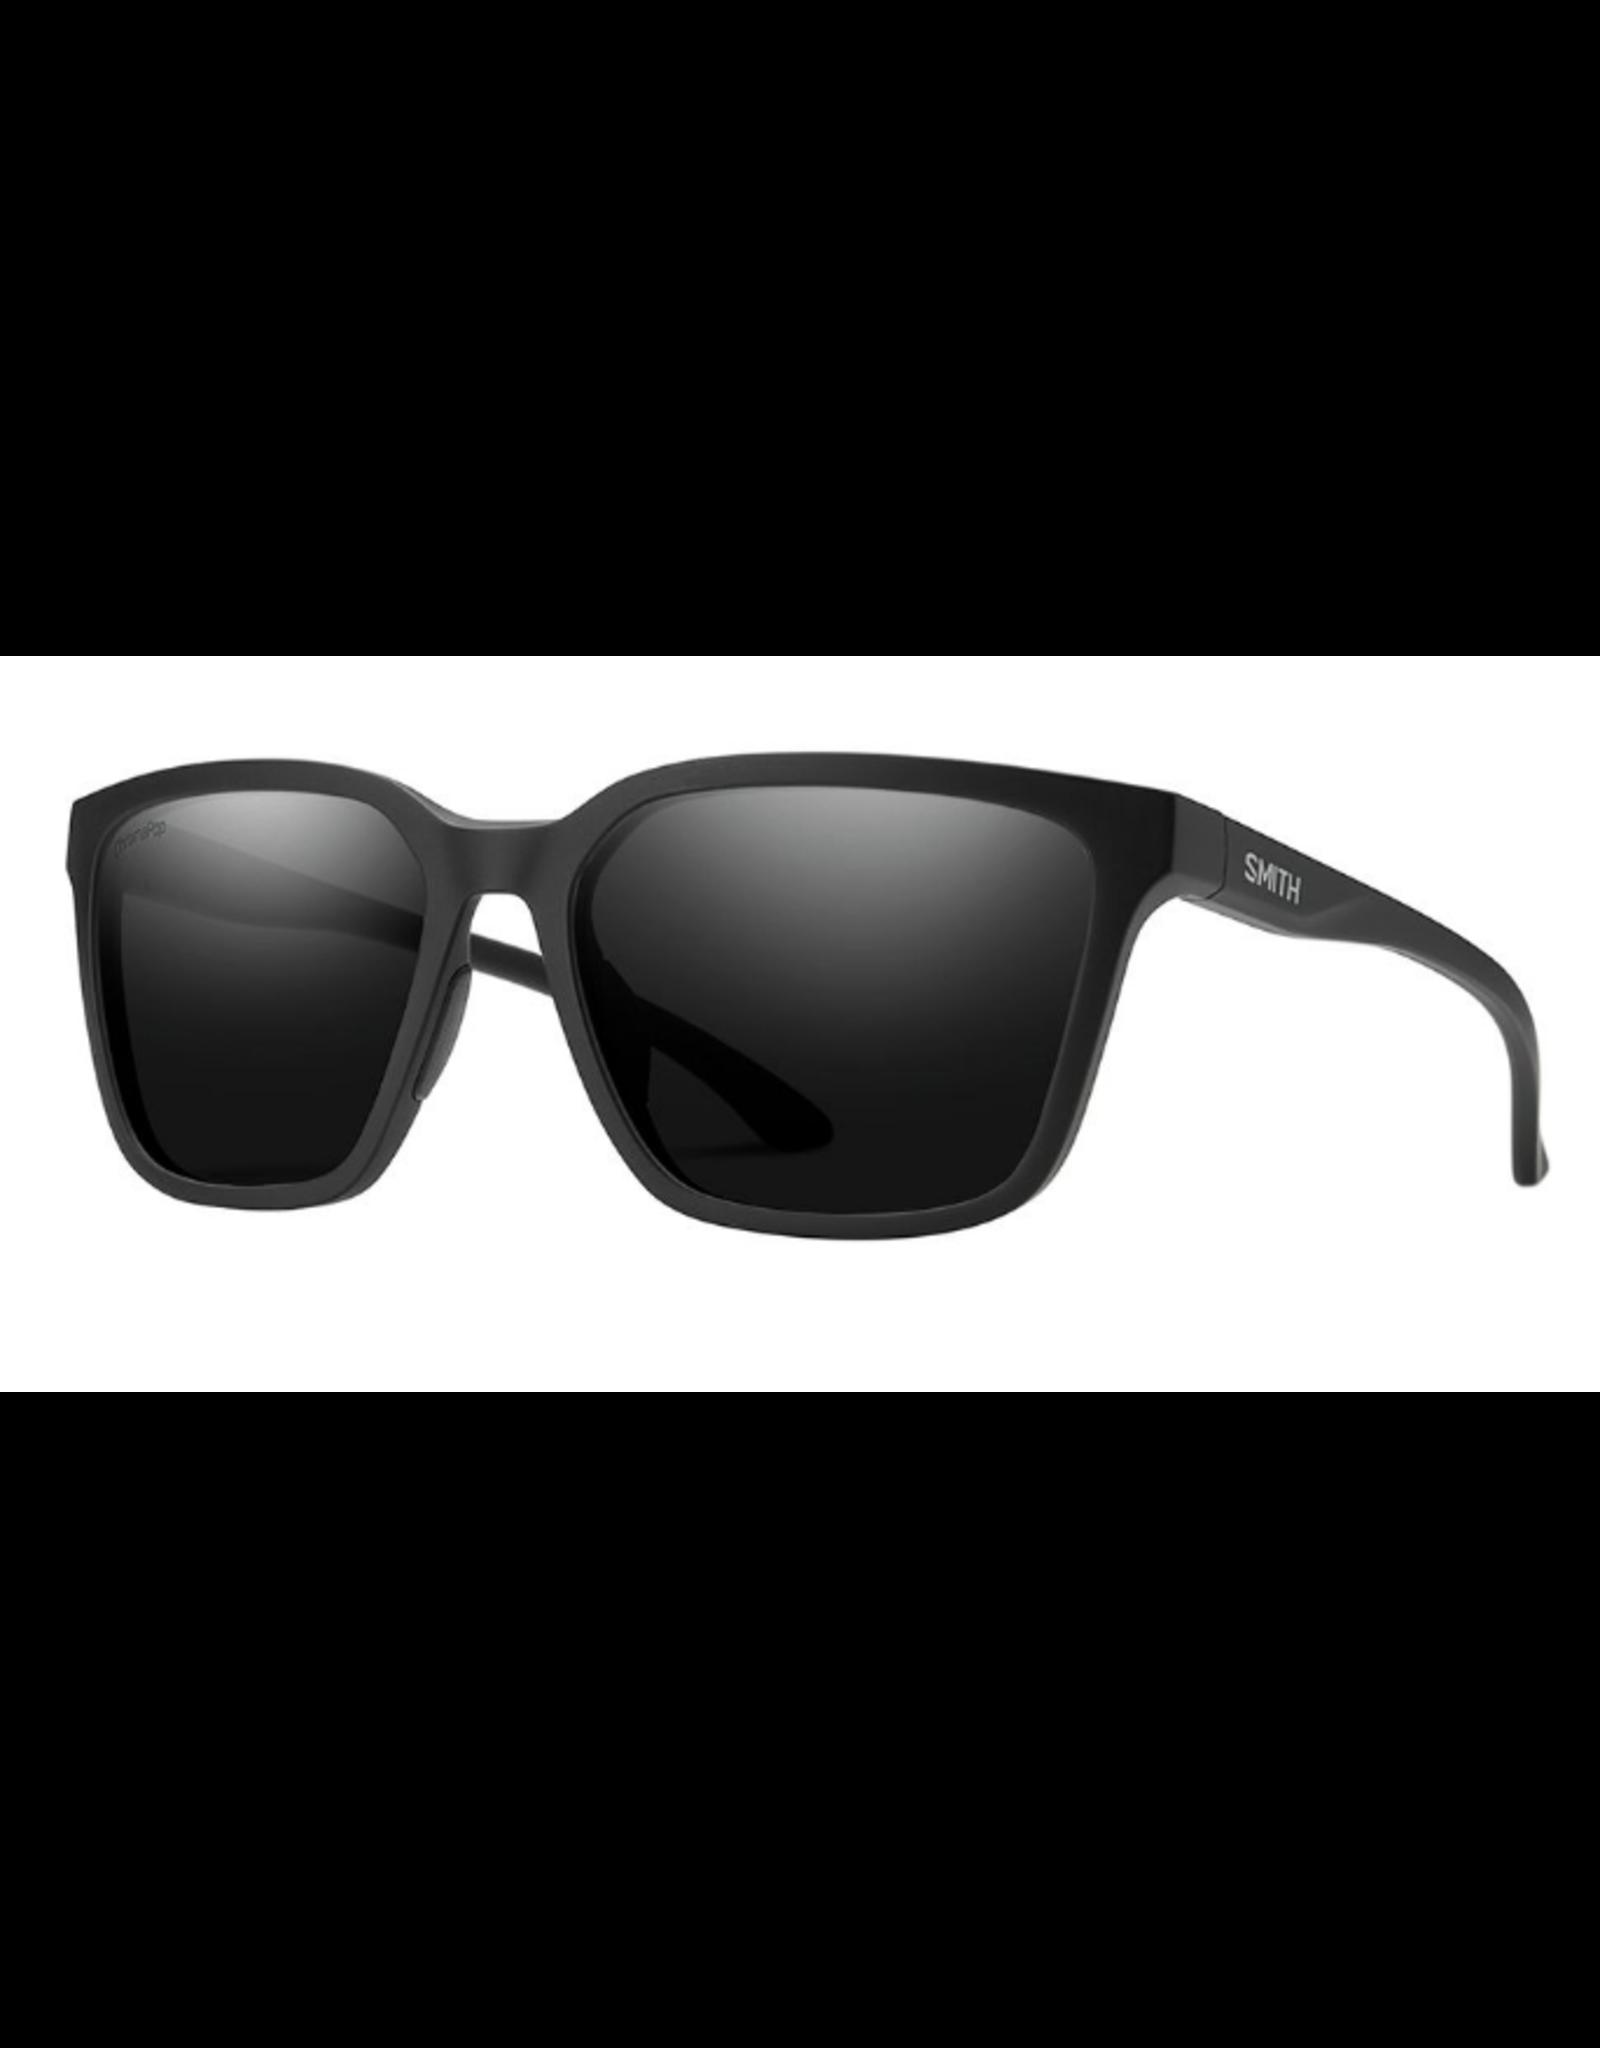 SMITH Smith Shoutout Chromapop Polarized Sunglasses<br /> Smith Shoutout Chromapop Polarized Sunglasses